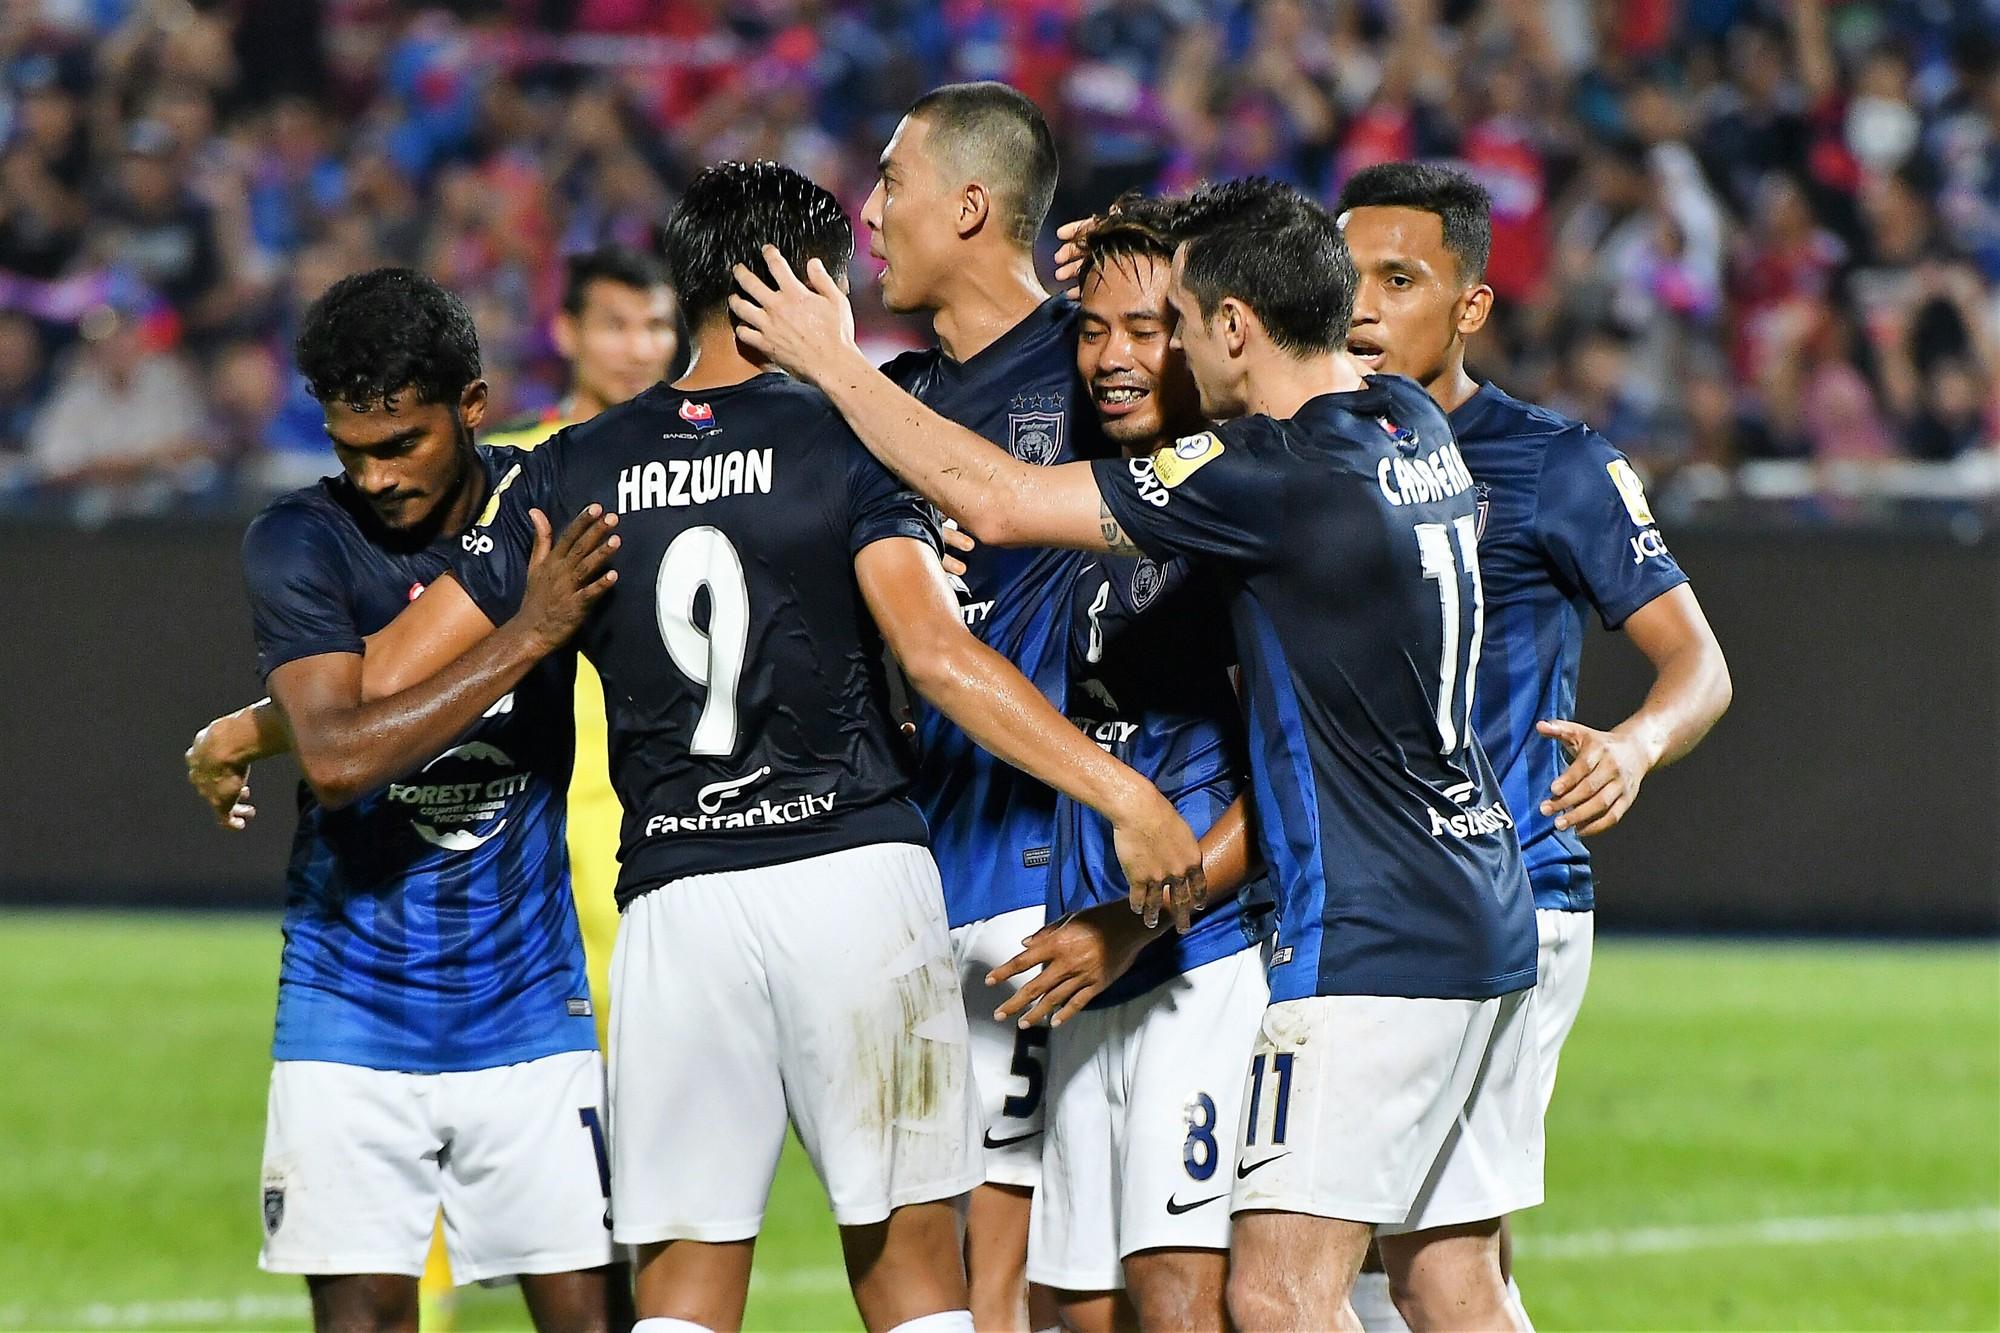 Kỷ lục của Hà Nội FC chưa là gì so với Giải VĐQG Malaysia và Singapore - Ảnh 3.